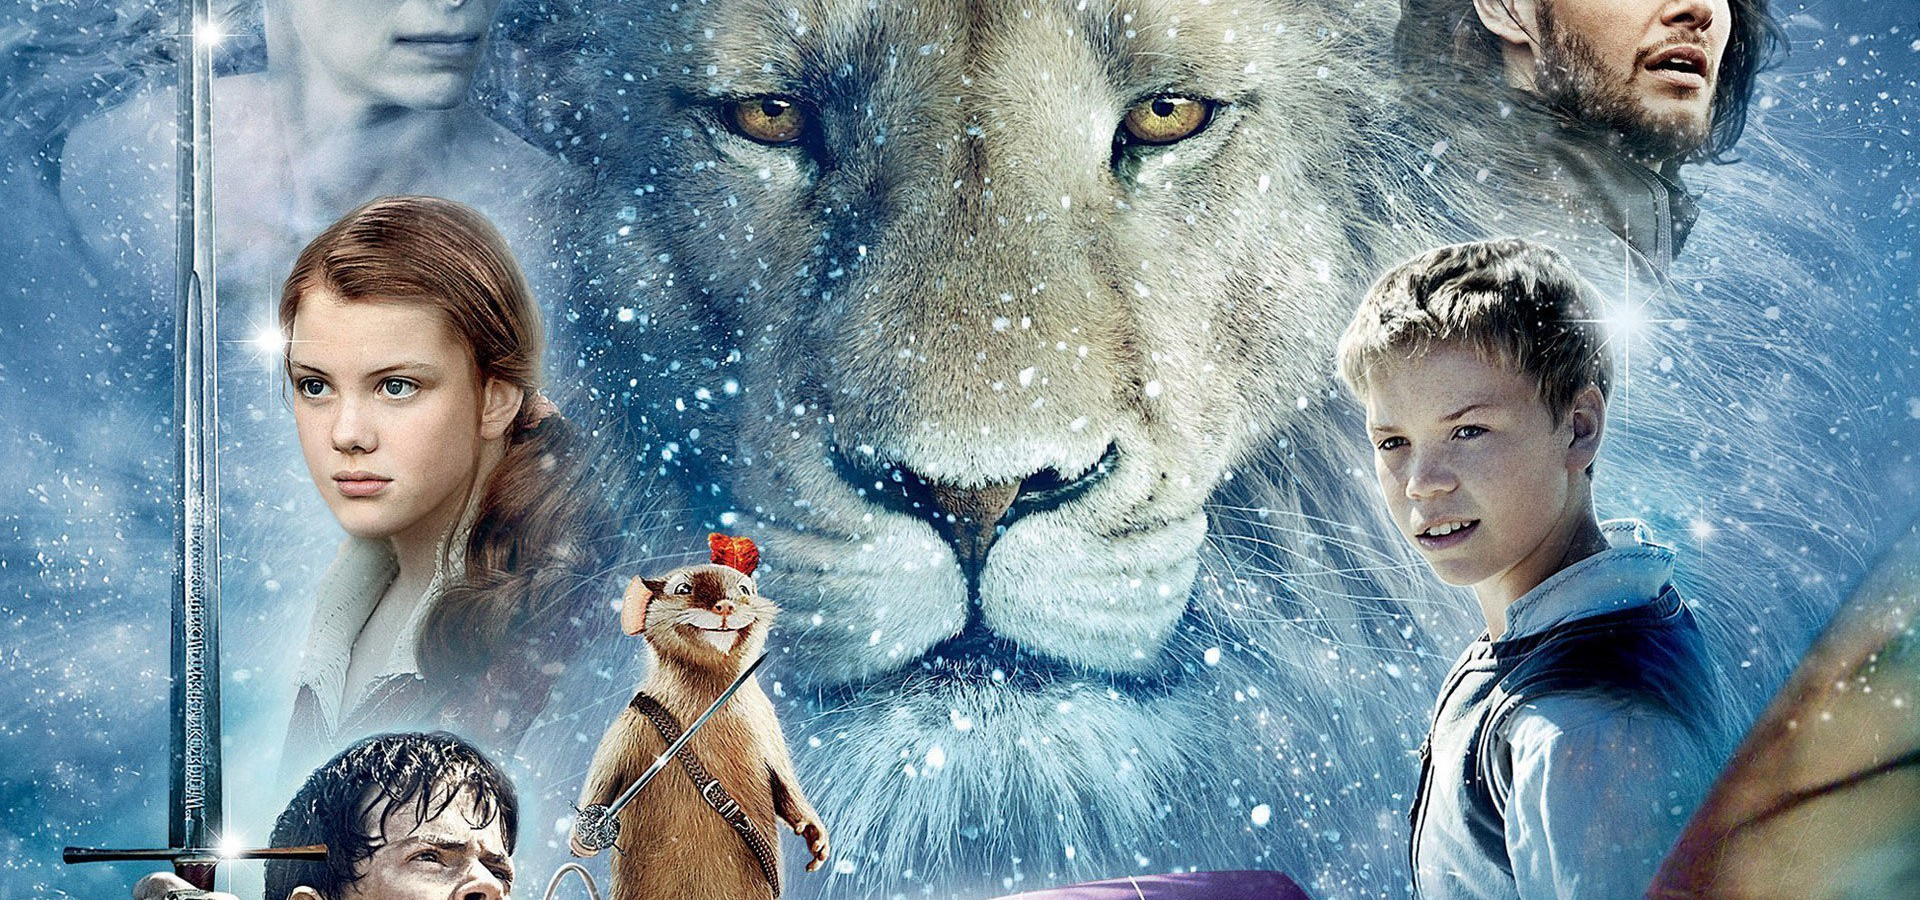 Cronicile din Narnia: Călătoria pe mare cu Zori de zi